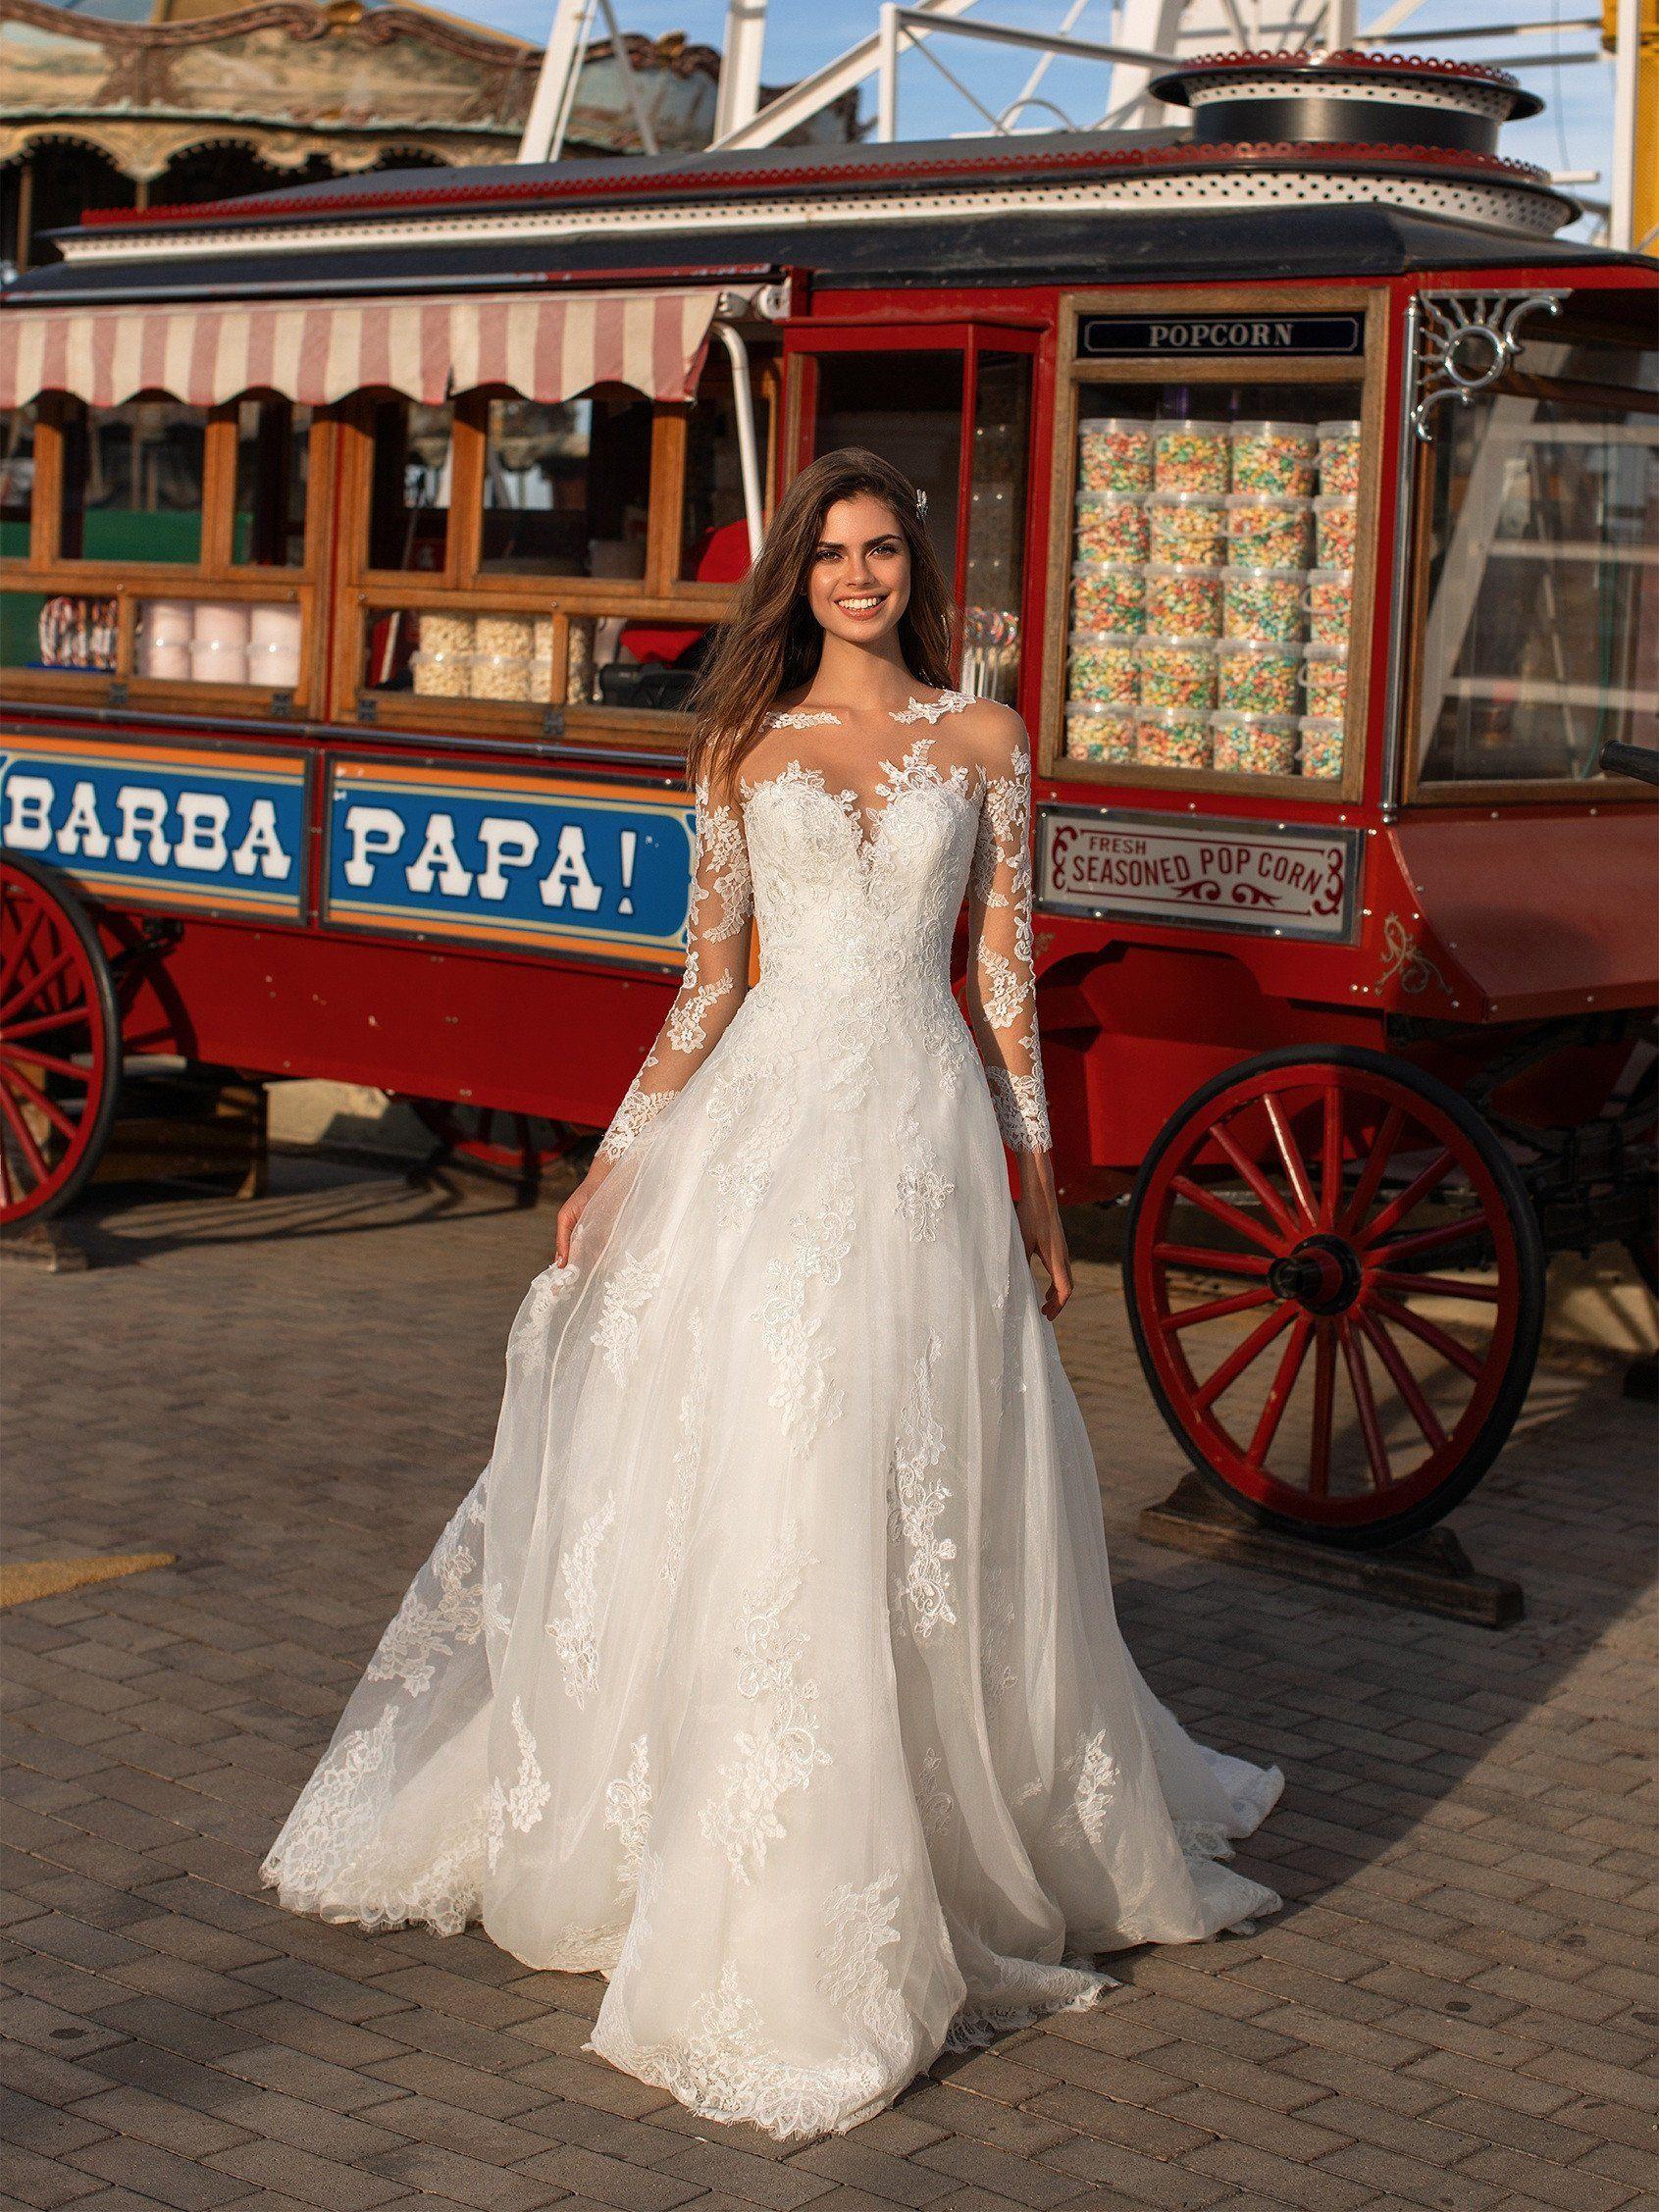 Top 20 Vintage Wedding Dresses For 2016 Brides Long Sleeve Wedding Dress Lace Lace Wedding Dress With Sleeves Wedding Dress Sleeves [ 2255 x 1691 Pixel ]